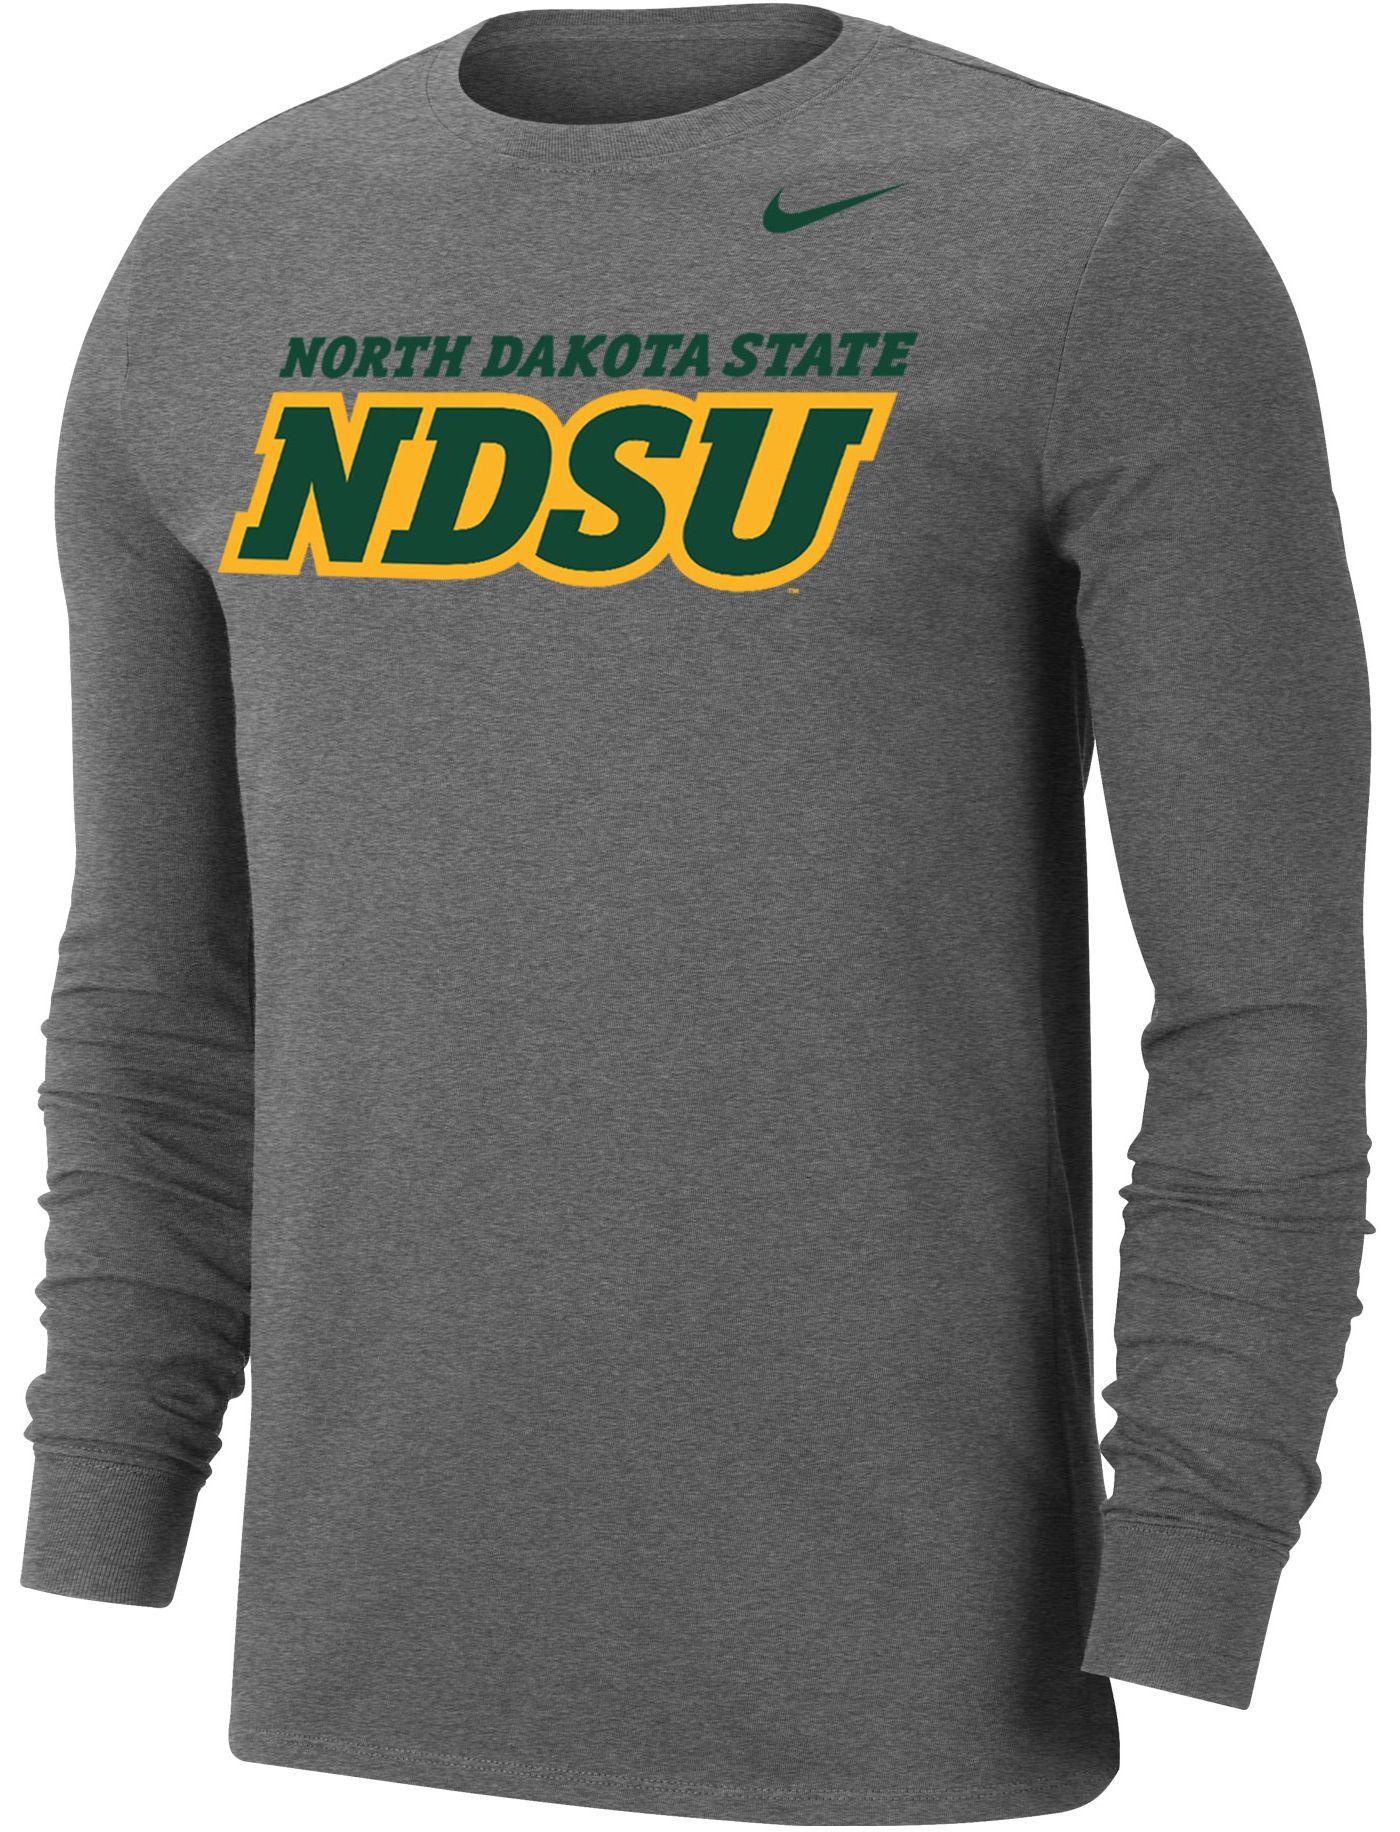 Nike Men's North Dakota State Bison Grey Wordmark Long Sleeve T-Shirt